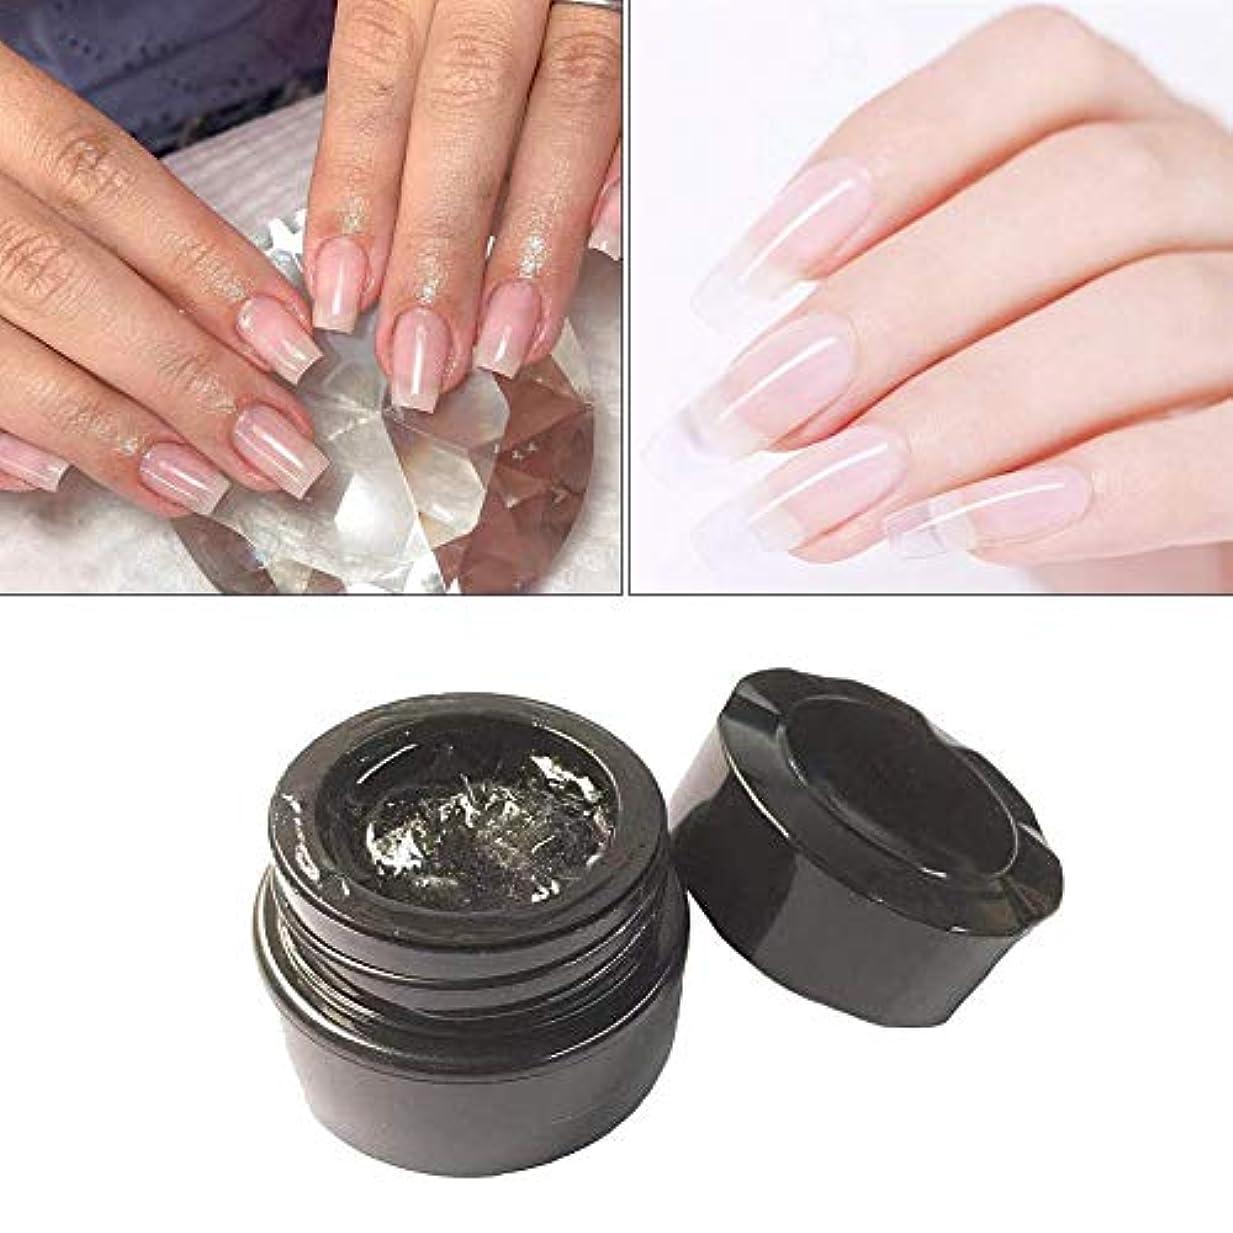 病弱ニックネーム厚くするAnkishi® 釘の延長繊維1-2CMのガラス繊維のゲルの釘の芸術の速い光線療法の延長ゲル